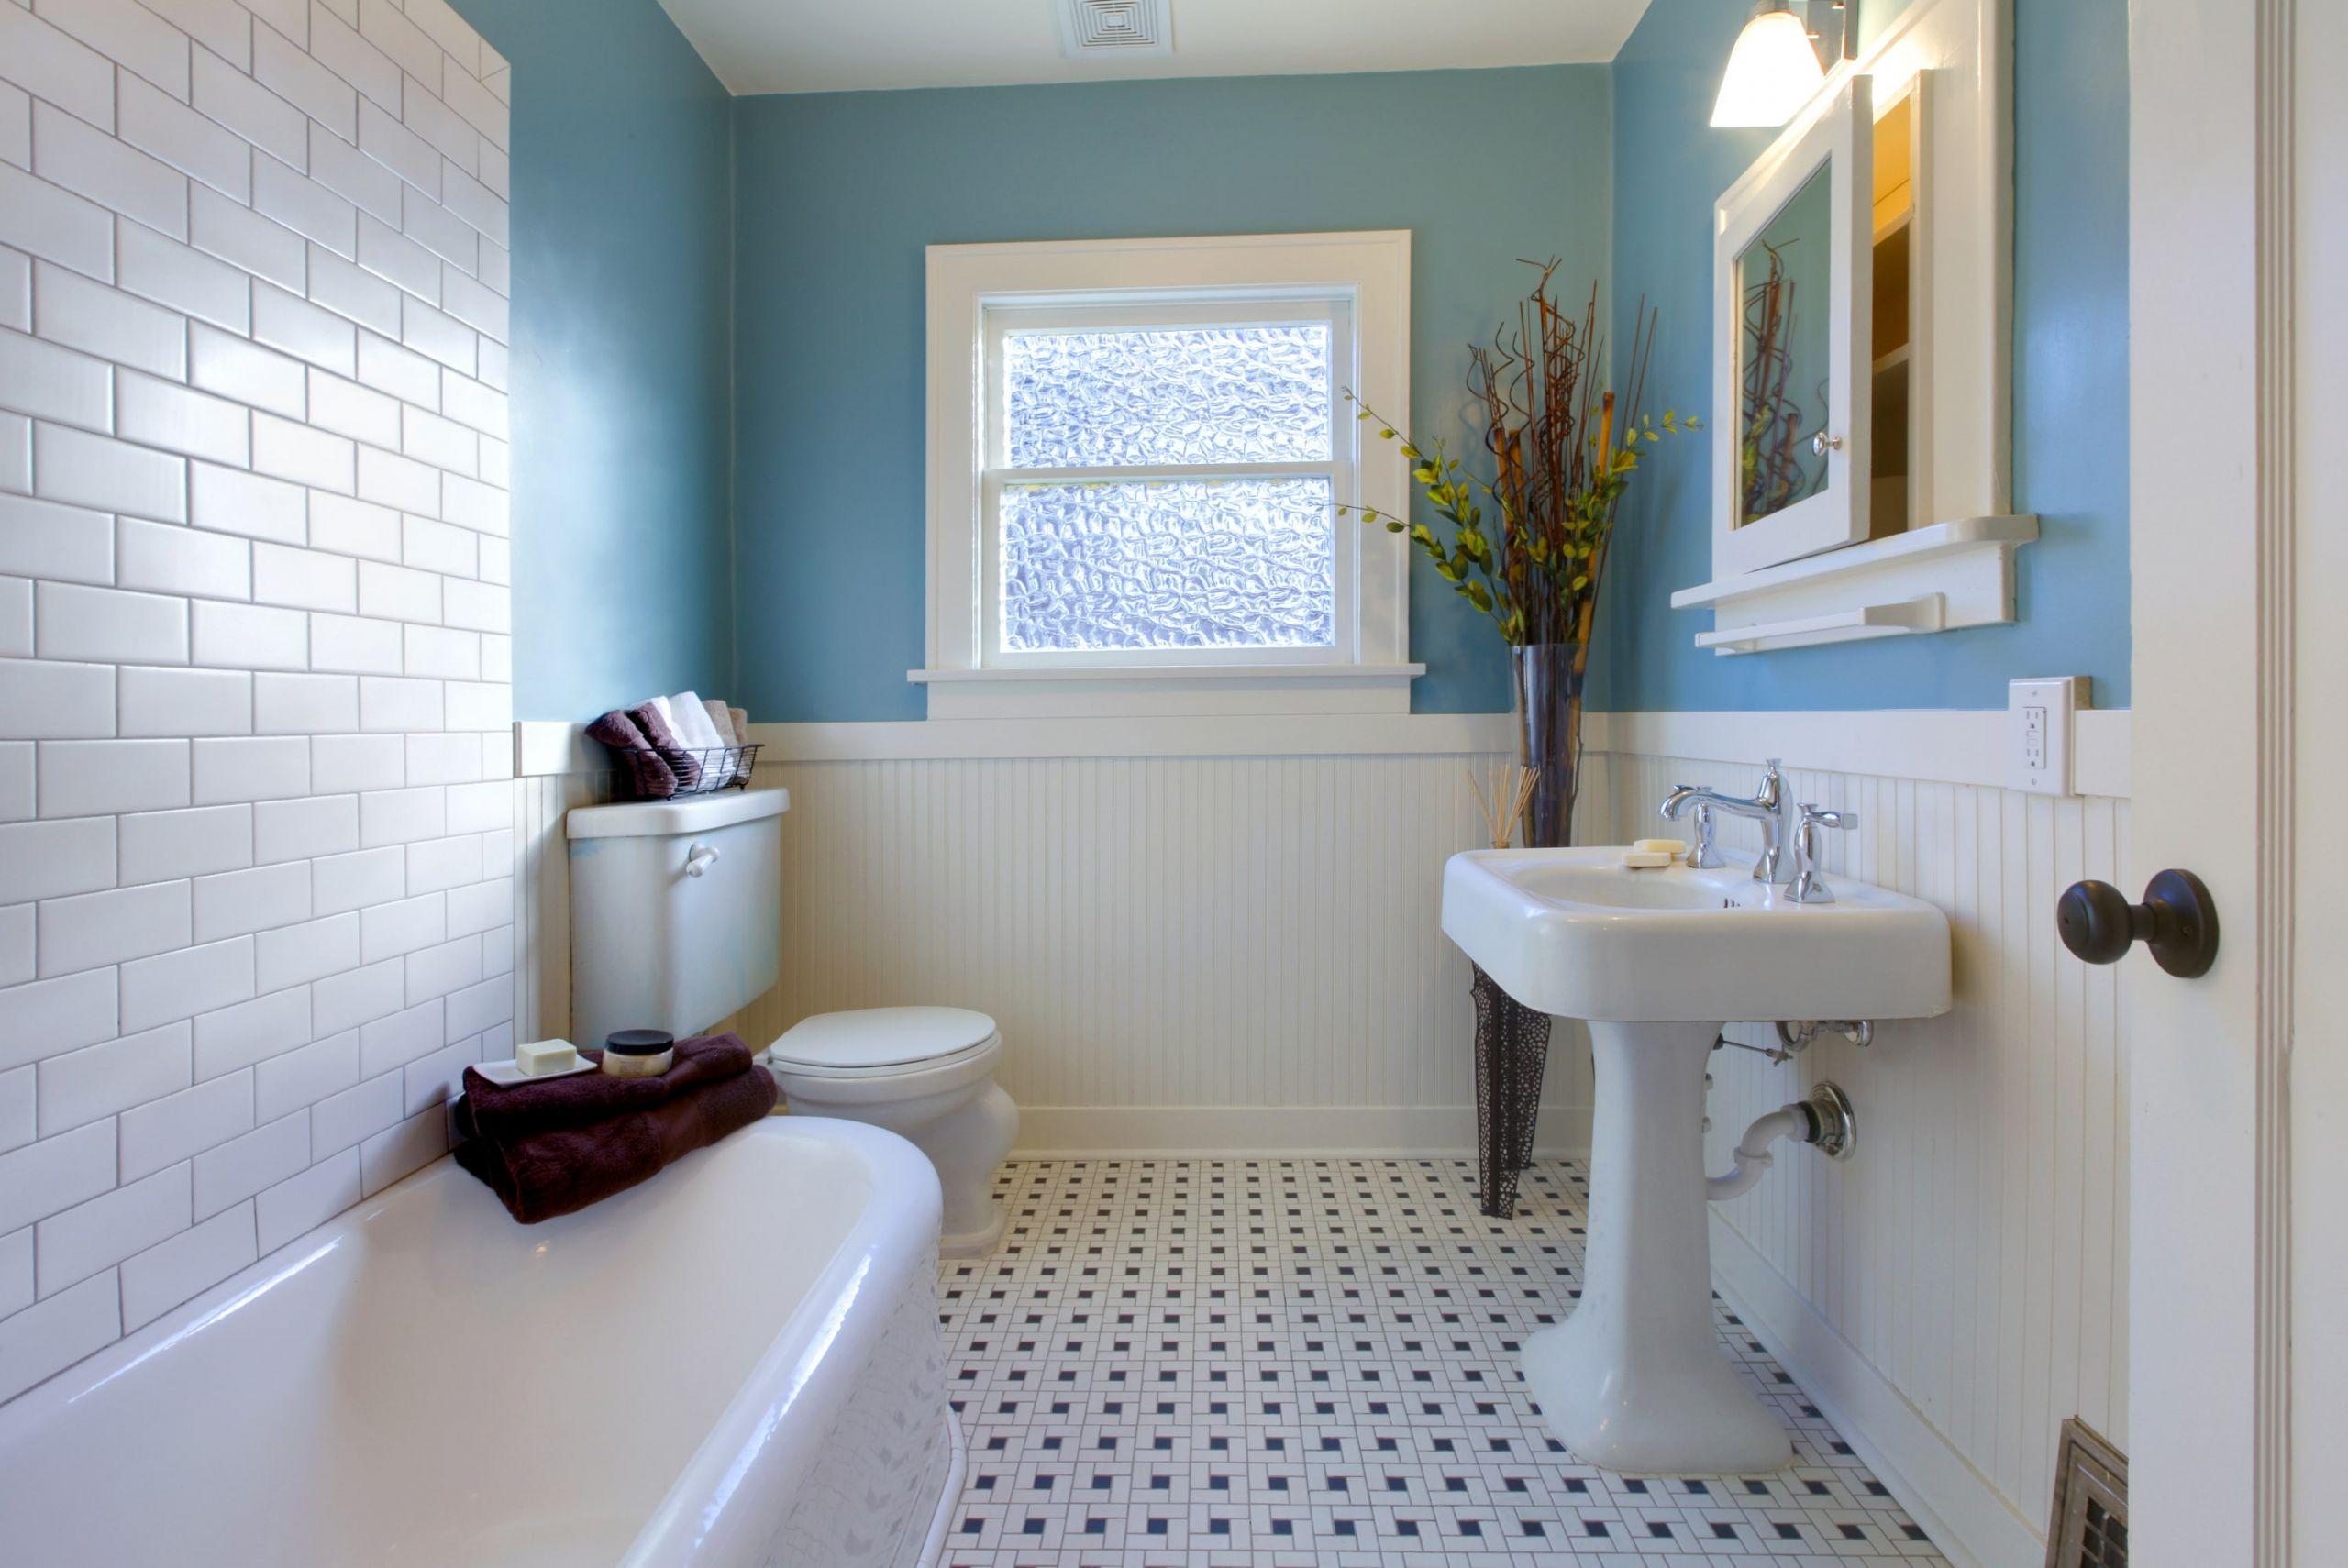 Design A Bathroom  8 Bathroom Design & Remodeling Ideas on a Bud